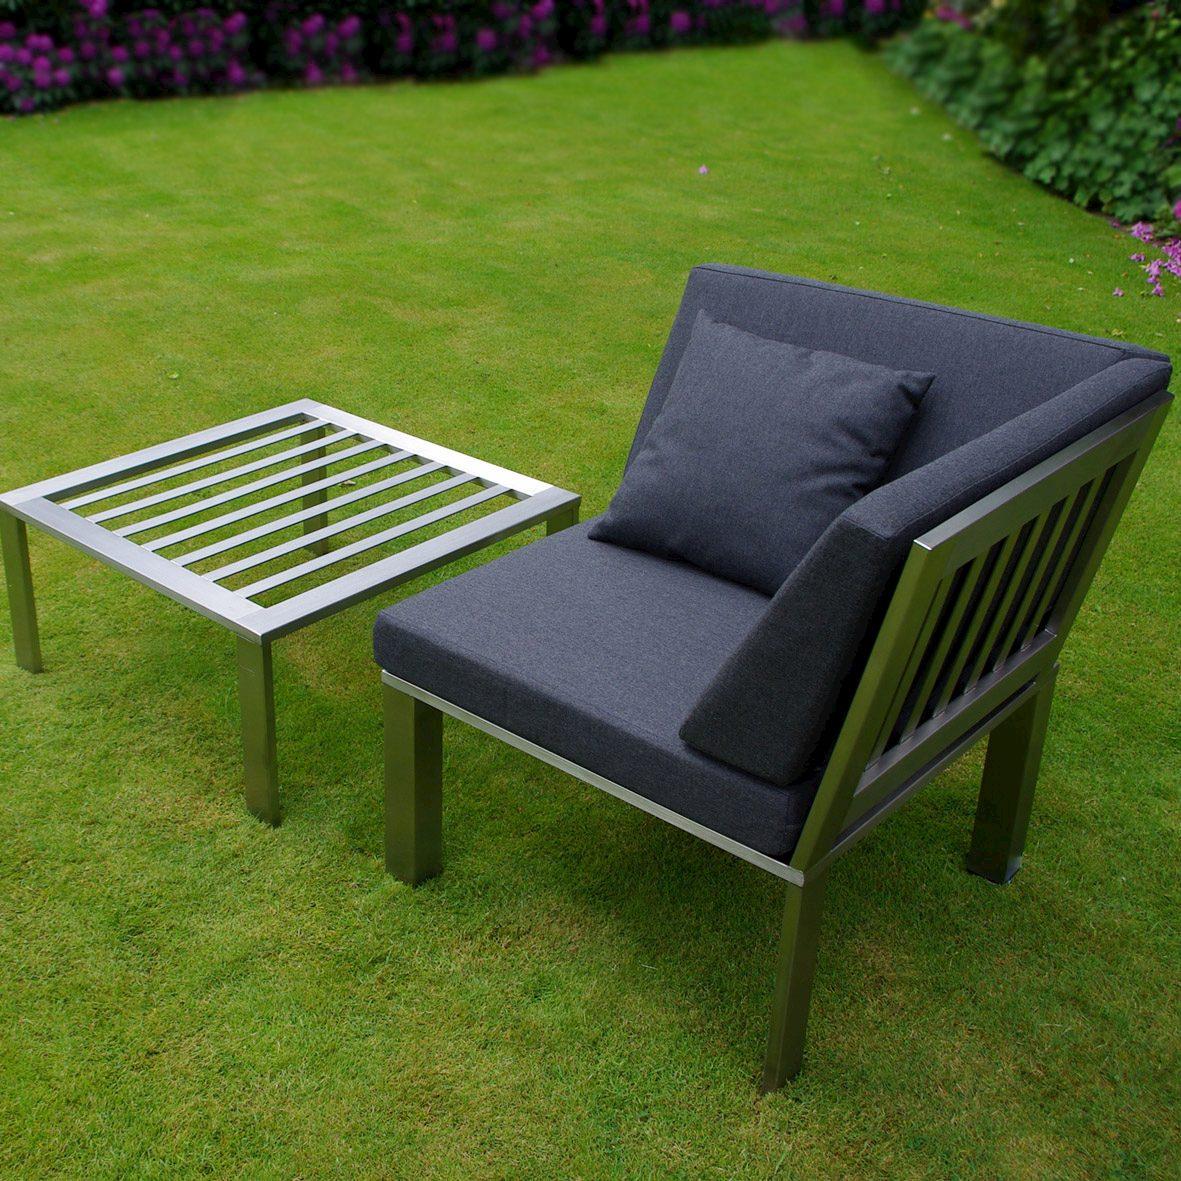 Full Size of Polster Lounge Ecke Bauhaus Kat 2 Charcoal 3705 Pt 240 Fenster Garten Liegestuhl Wohnzimmer Liegestuhl Bauhaus